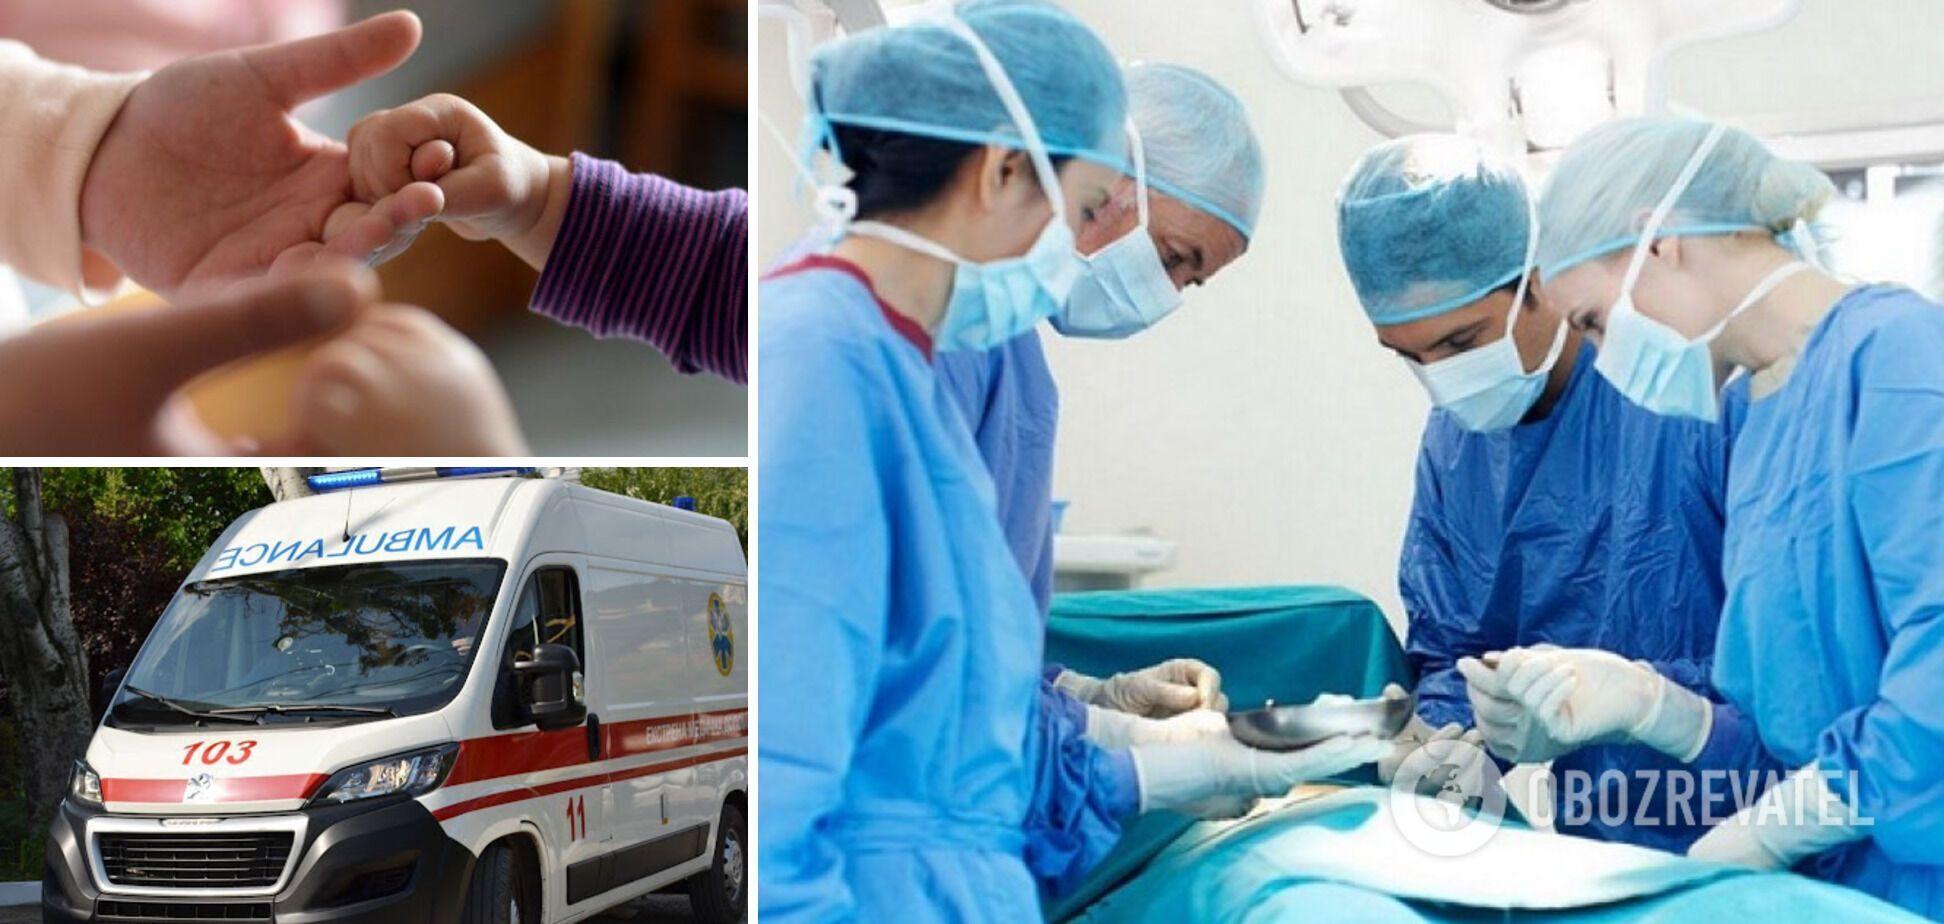 На Львівщині дворічна дівчинка засунула руку до м'ясорубки: лікарям довелося провести ампутацію пальців